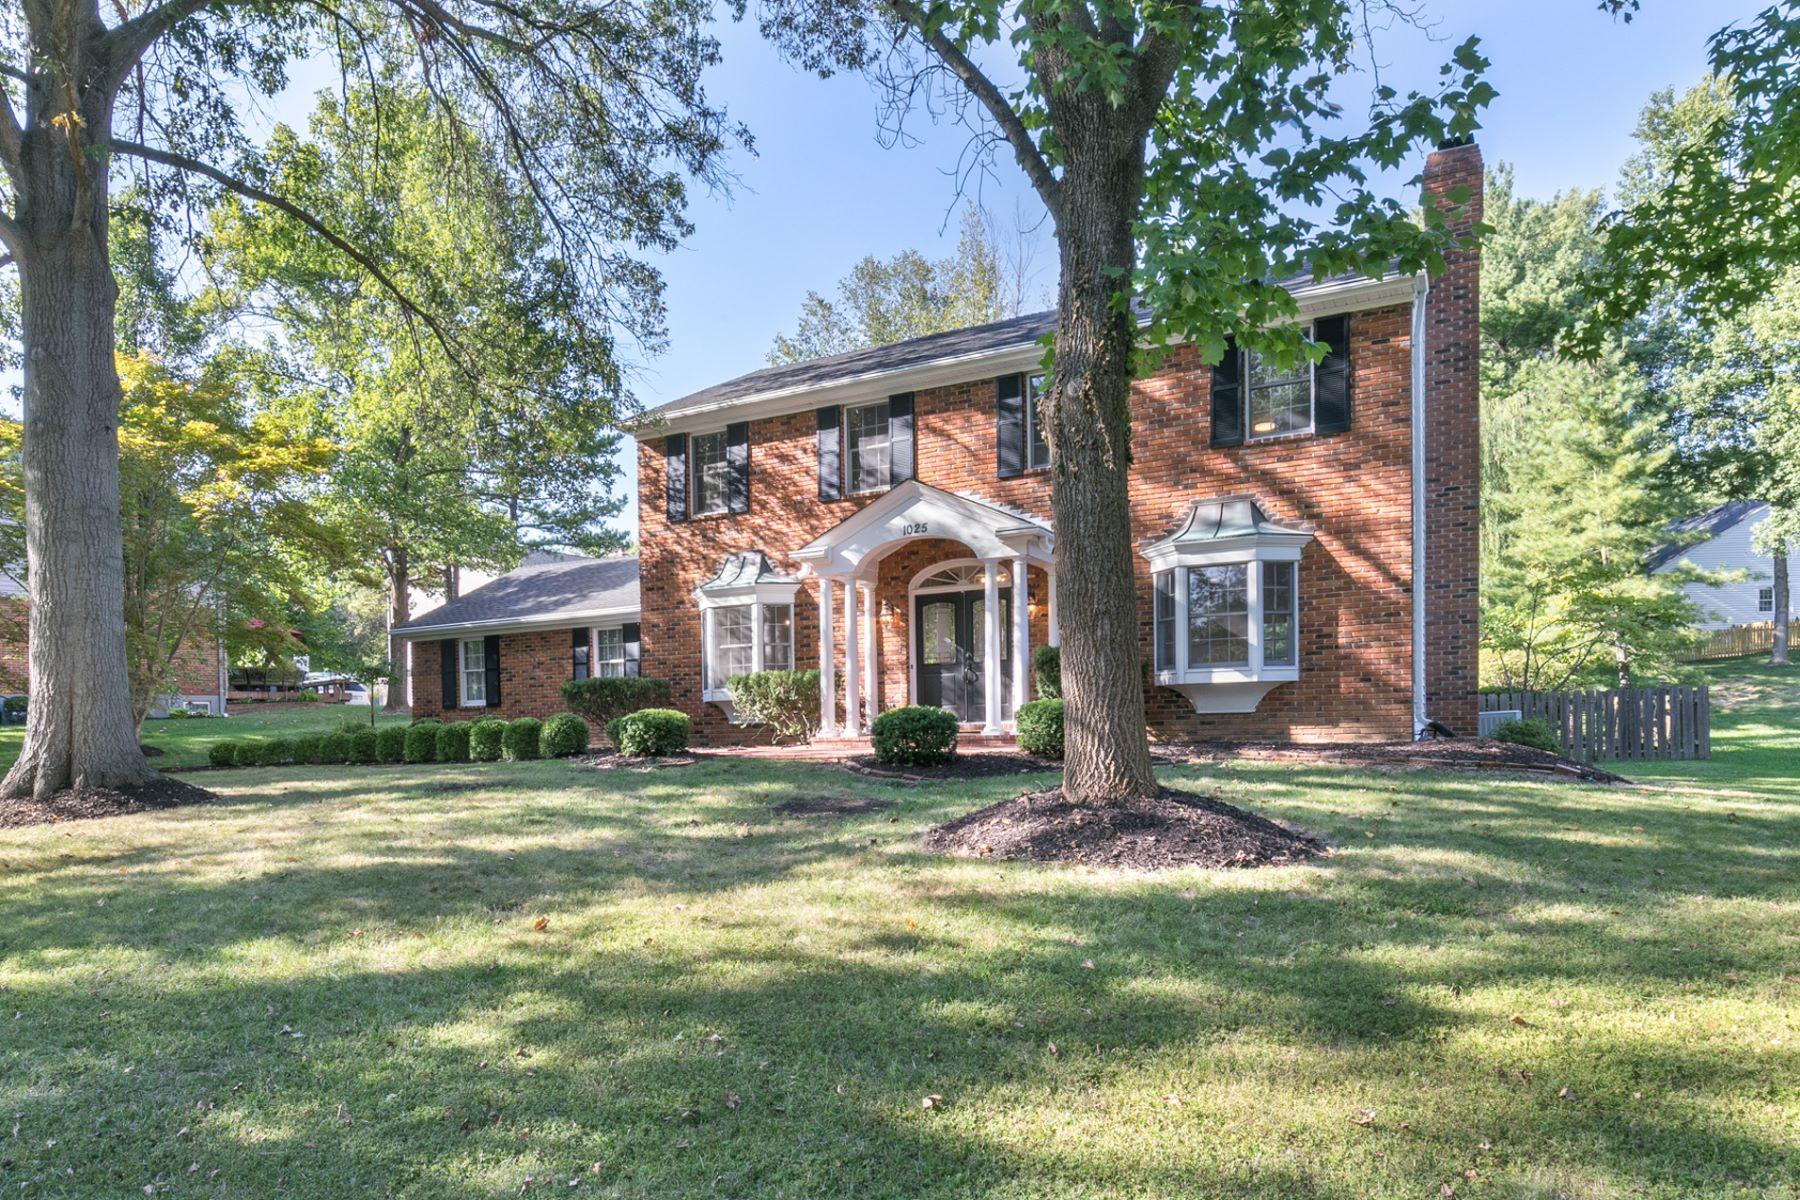 Additional photo for property listing at Del Ebro Dr 1025 Del Ebro Dr Ballwin, Missouri 63011 United States